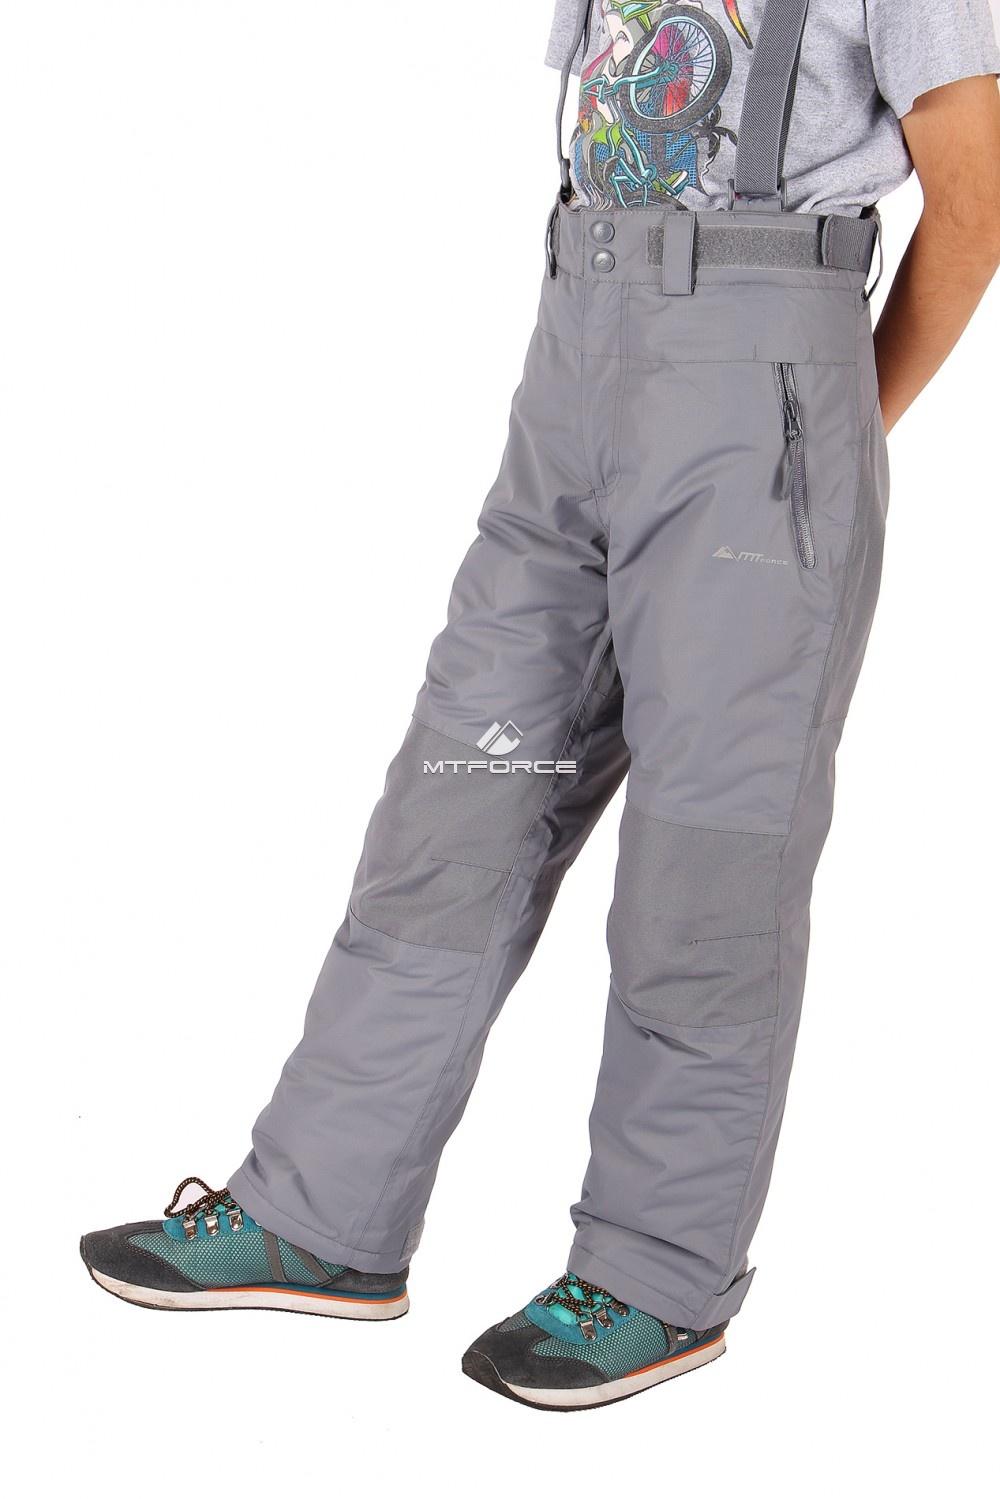 Купить                                      оптом Брюки горнолыжные подростковые серого цвета 502Sr в Казани